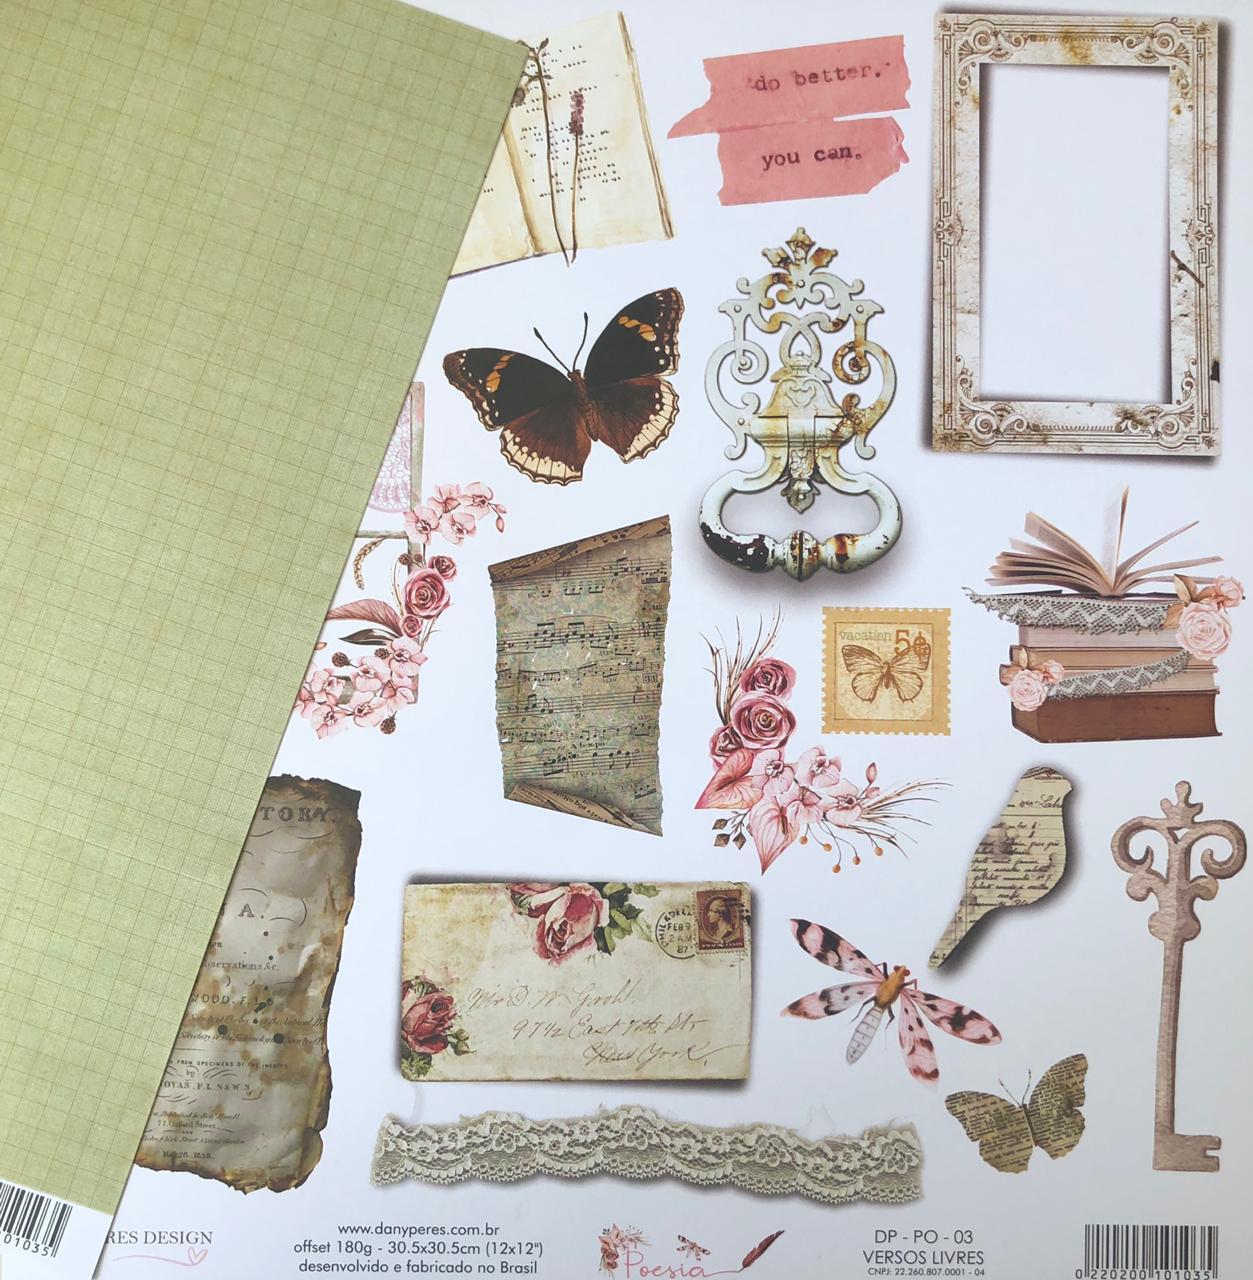 Papel Scrap - Versos Livres - Coleção Poesia - Dany Peres (DP-PO-03)